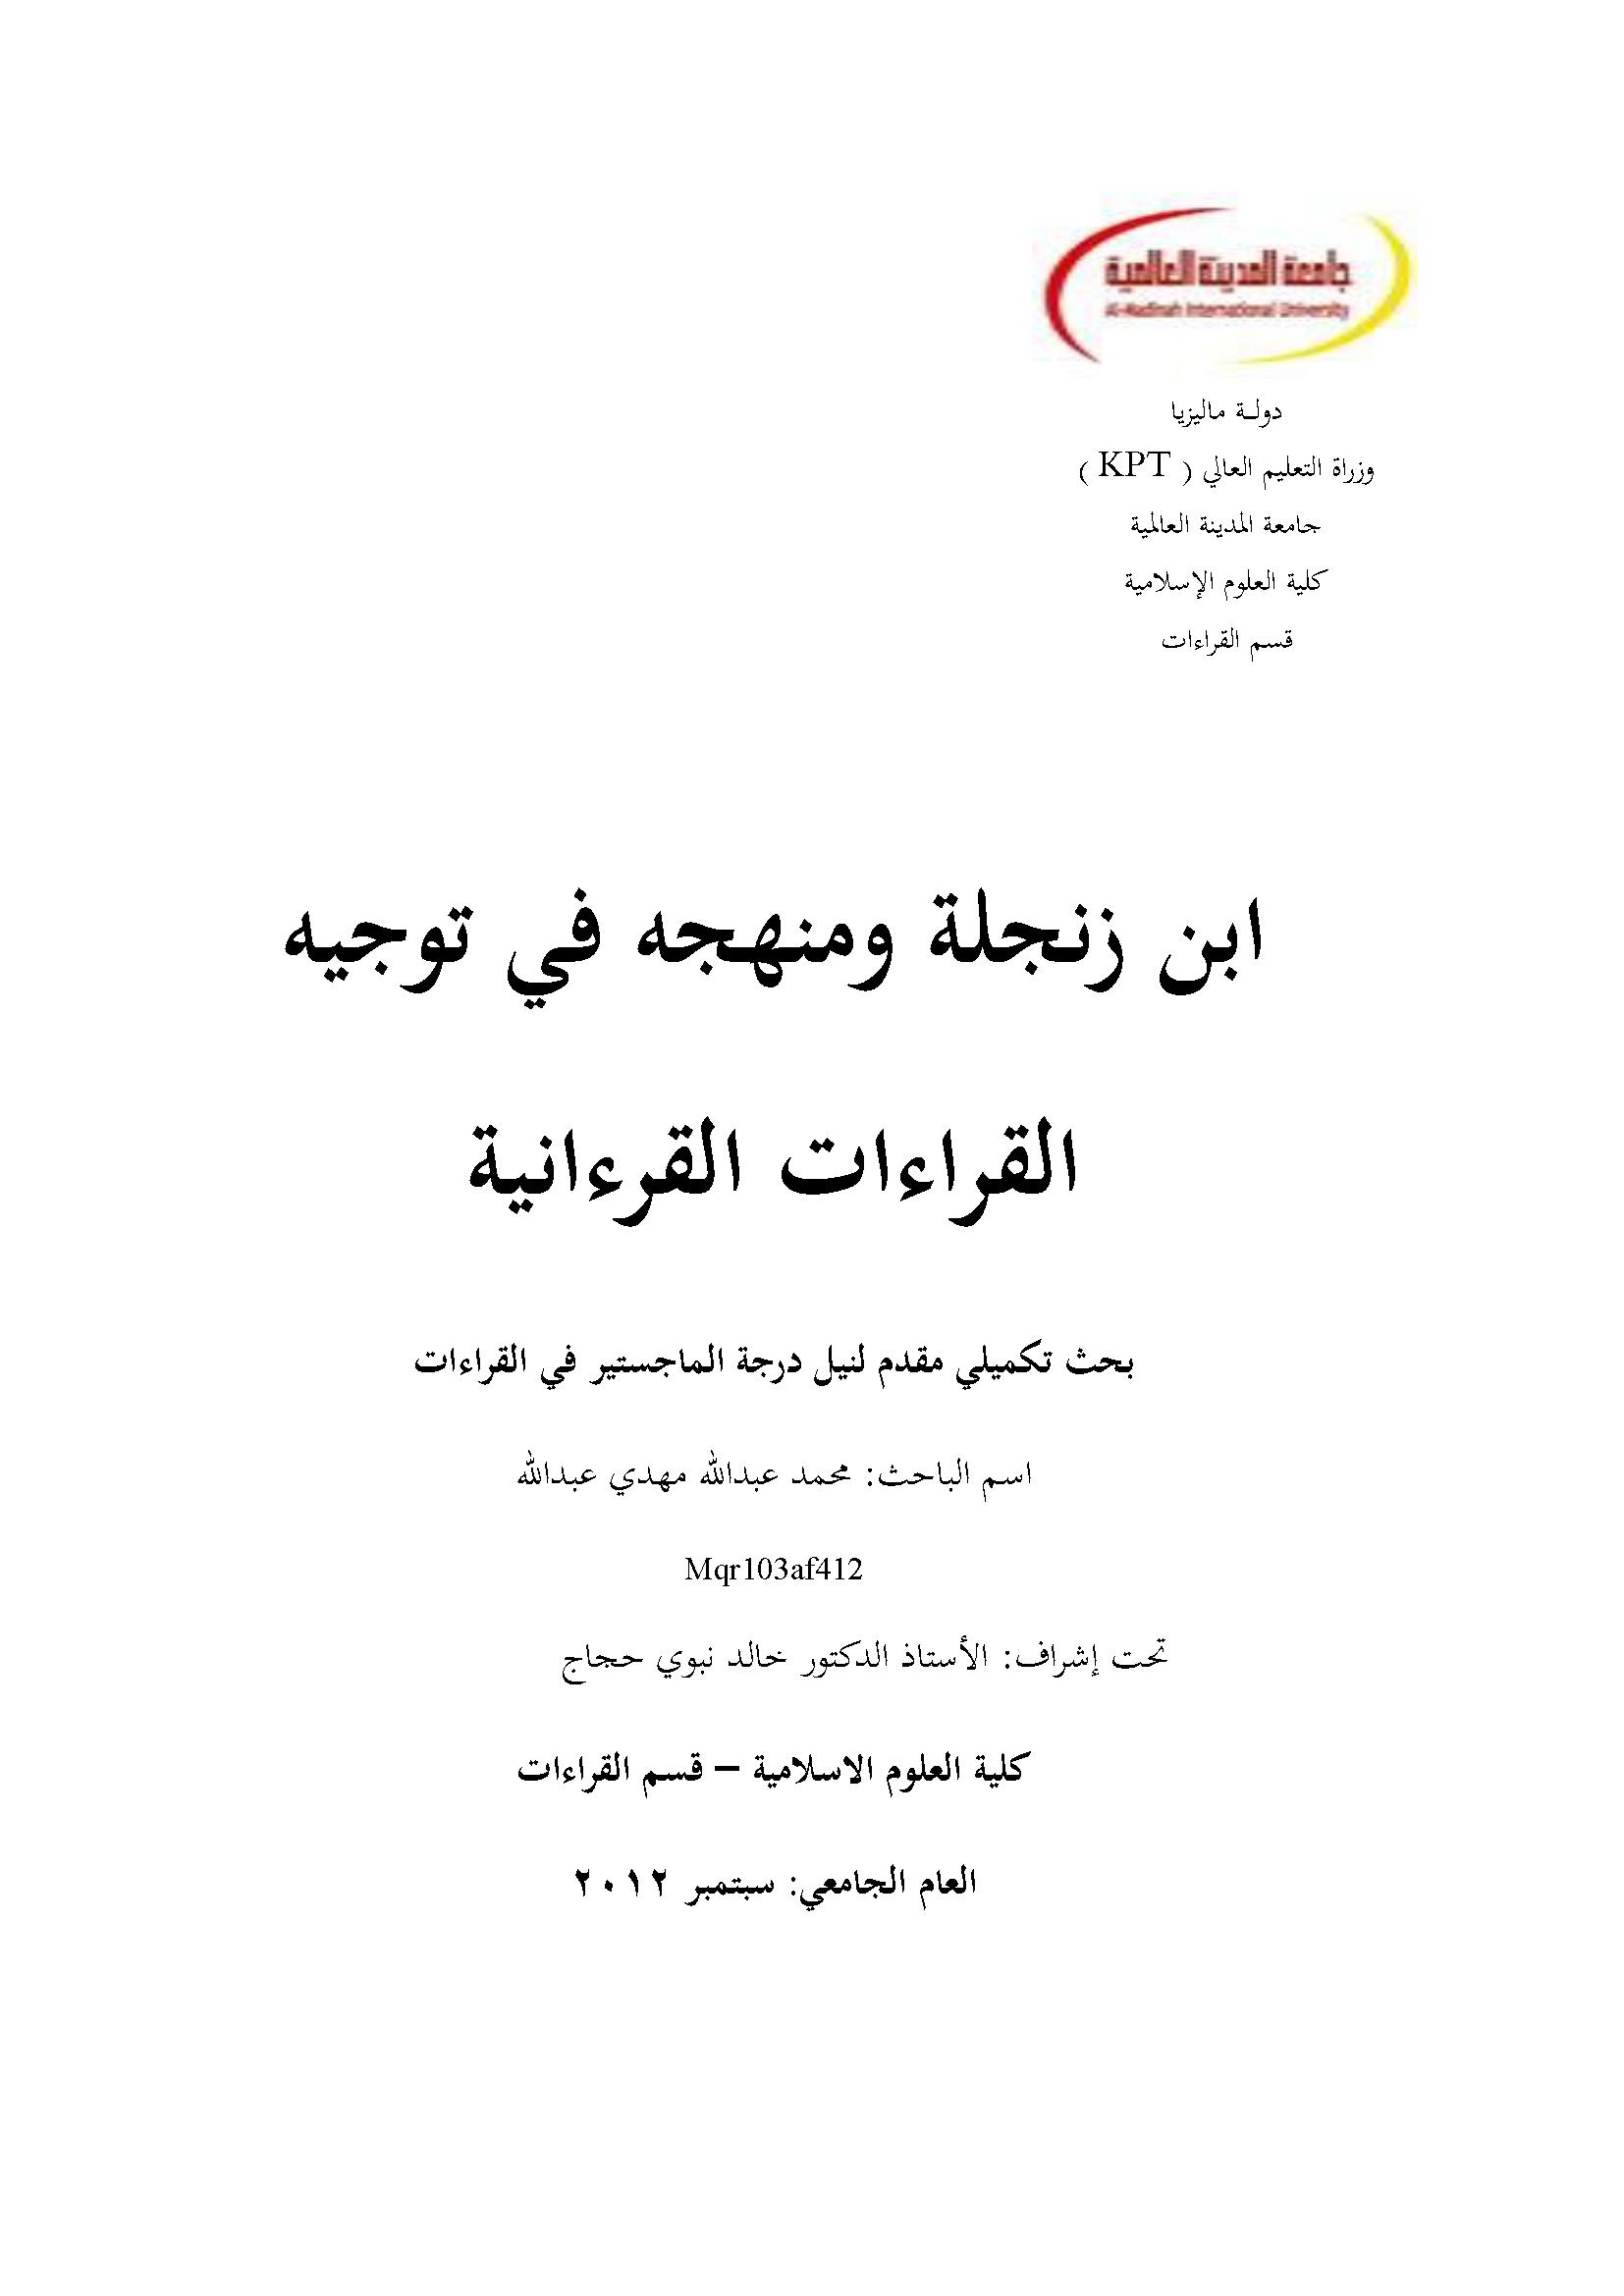 تحميل كتاب ابن زنجلة ومنهجه في توجيه القراءات القرآنية لـِ: محمد عبد الله مهدي عبد الله